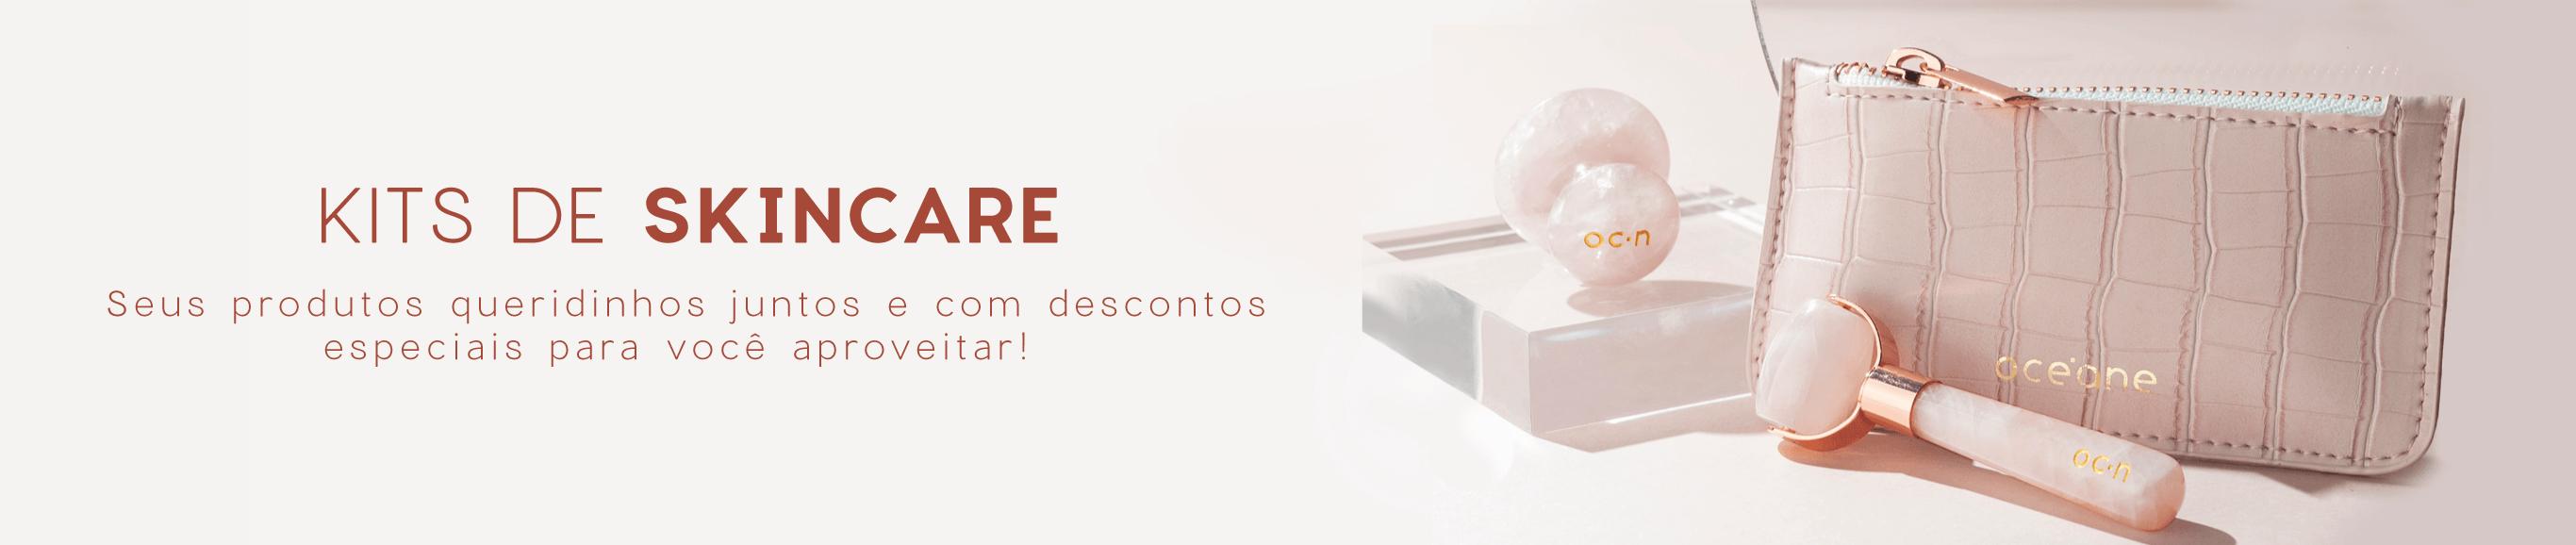 Banner categoria kits, a imagem mostra um mini massageador facial de quartzo mini roller e um massageador para olhos de quartzo